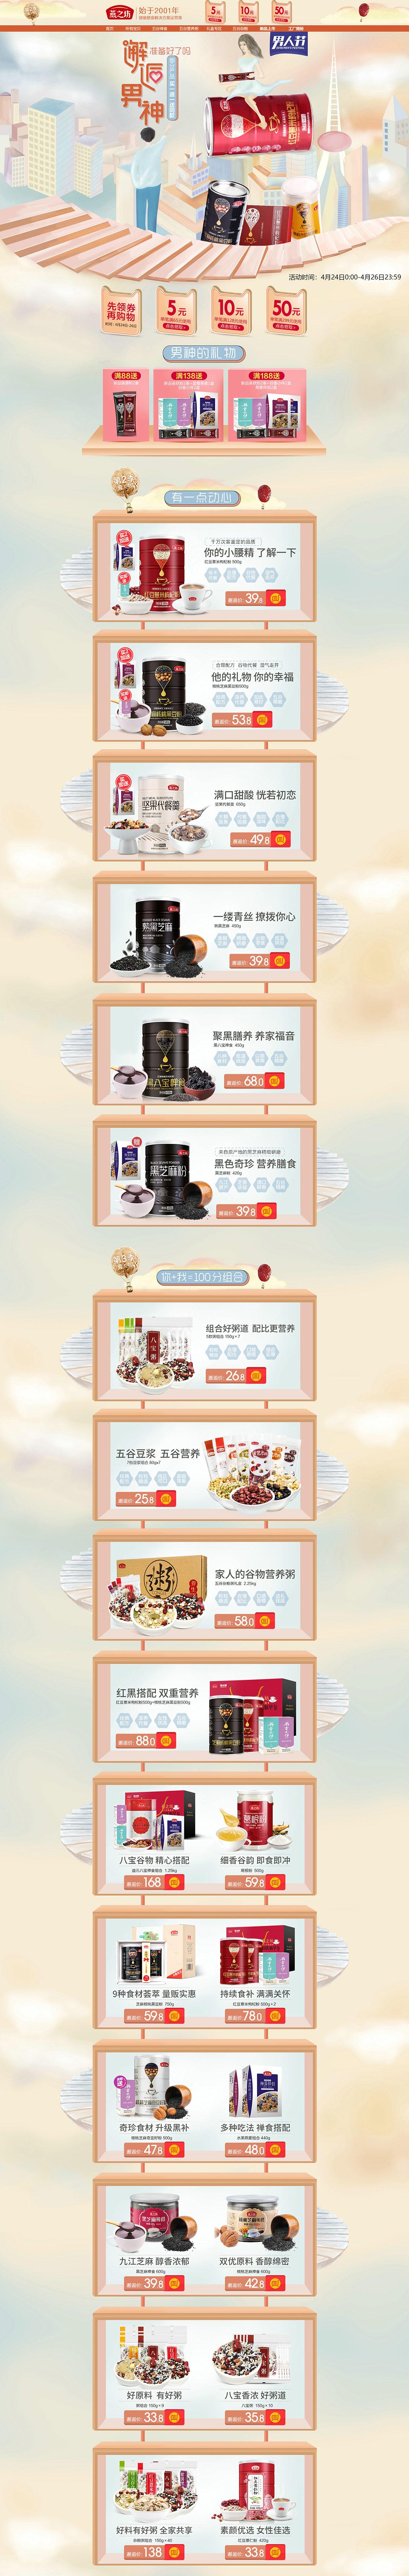 燕之坊食品 零食 酒水 男人节 天猫首页活动专题网页设计